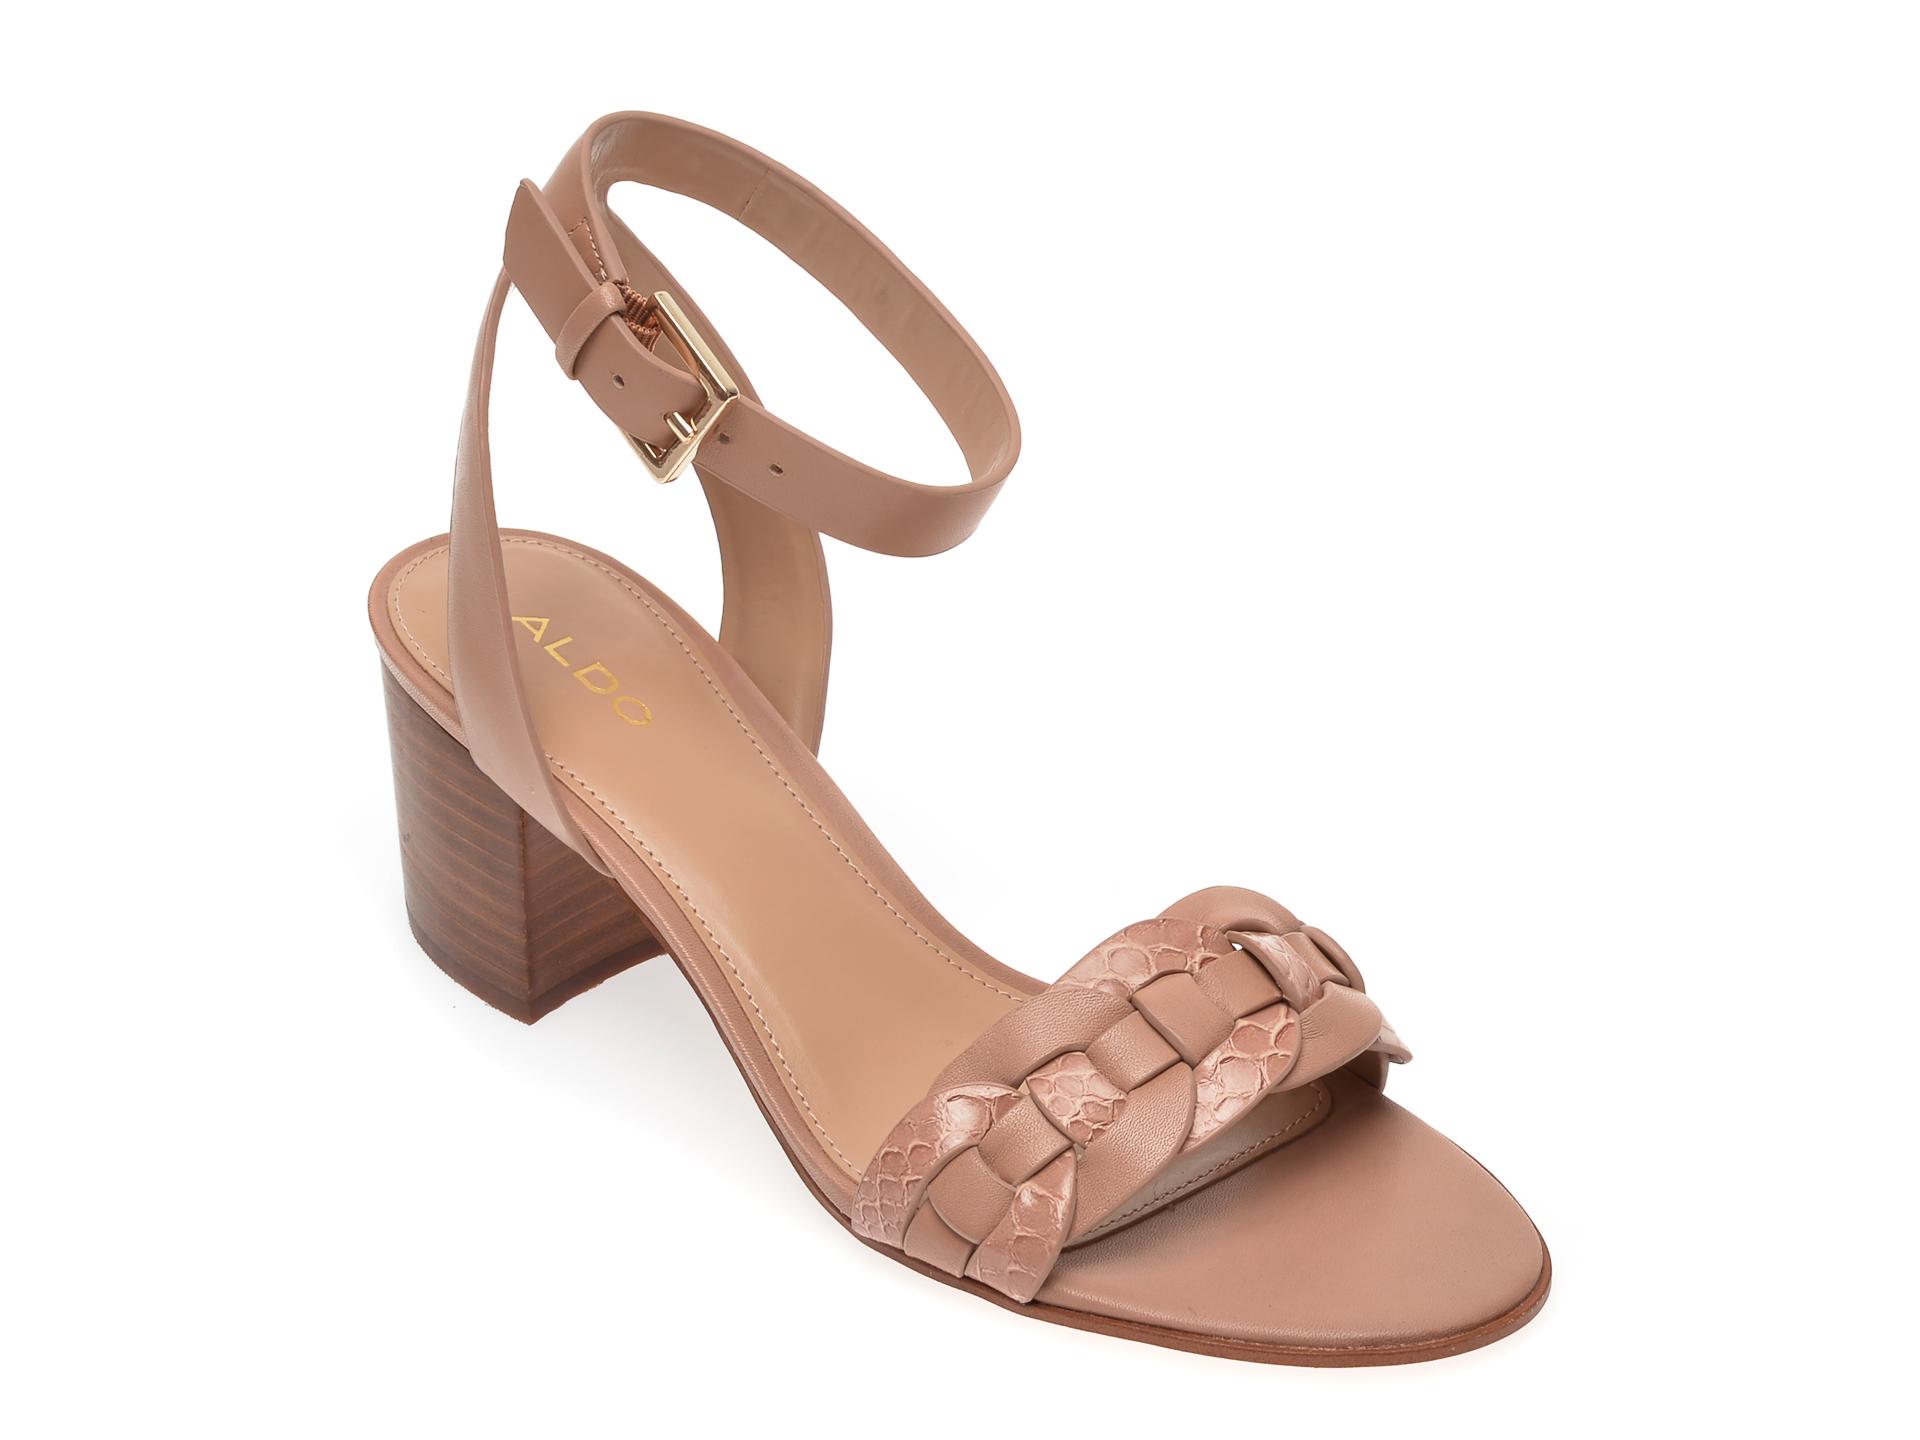 Sandale ALDO nude, Katerina270, din piele ecologica